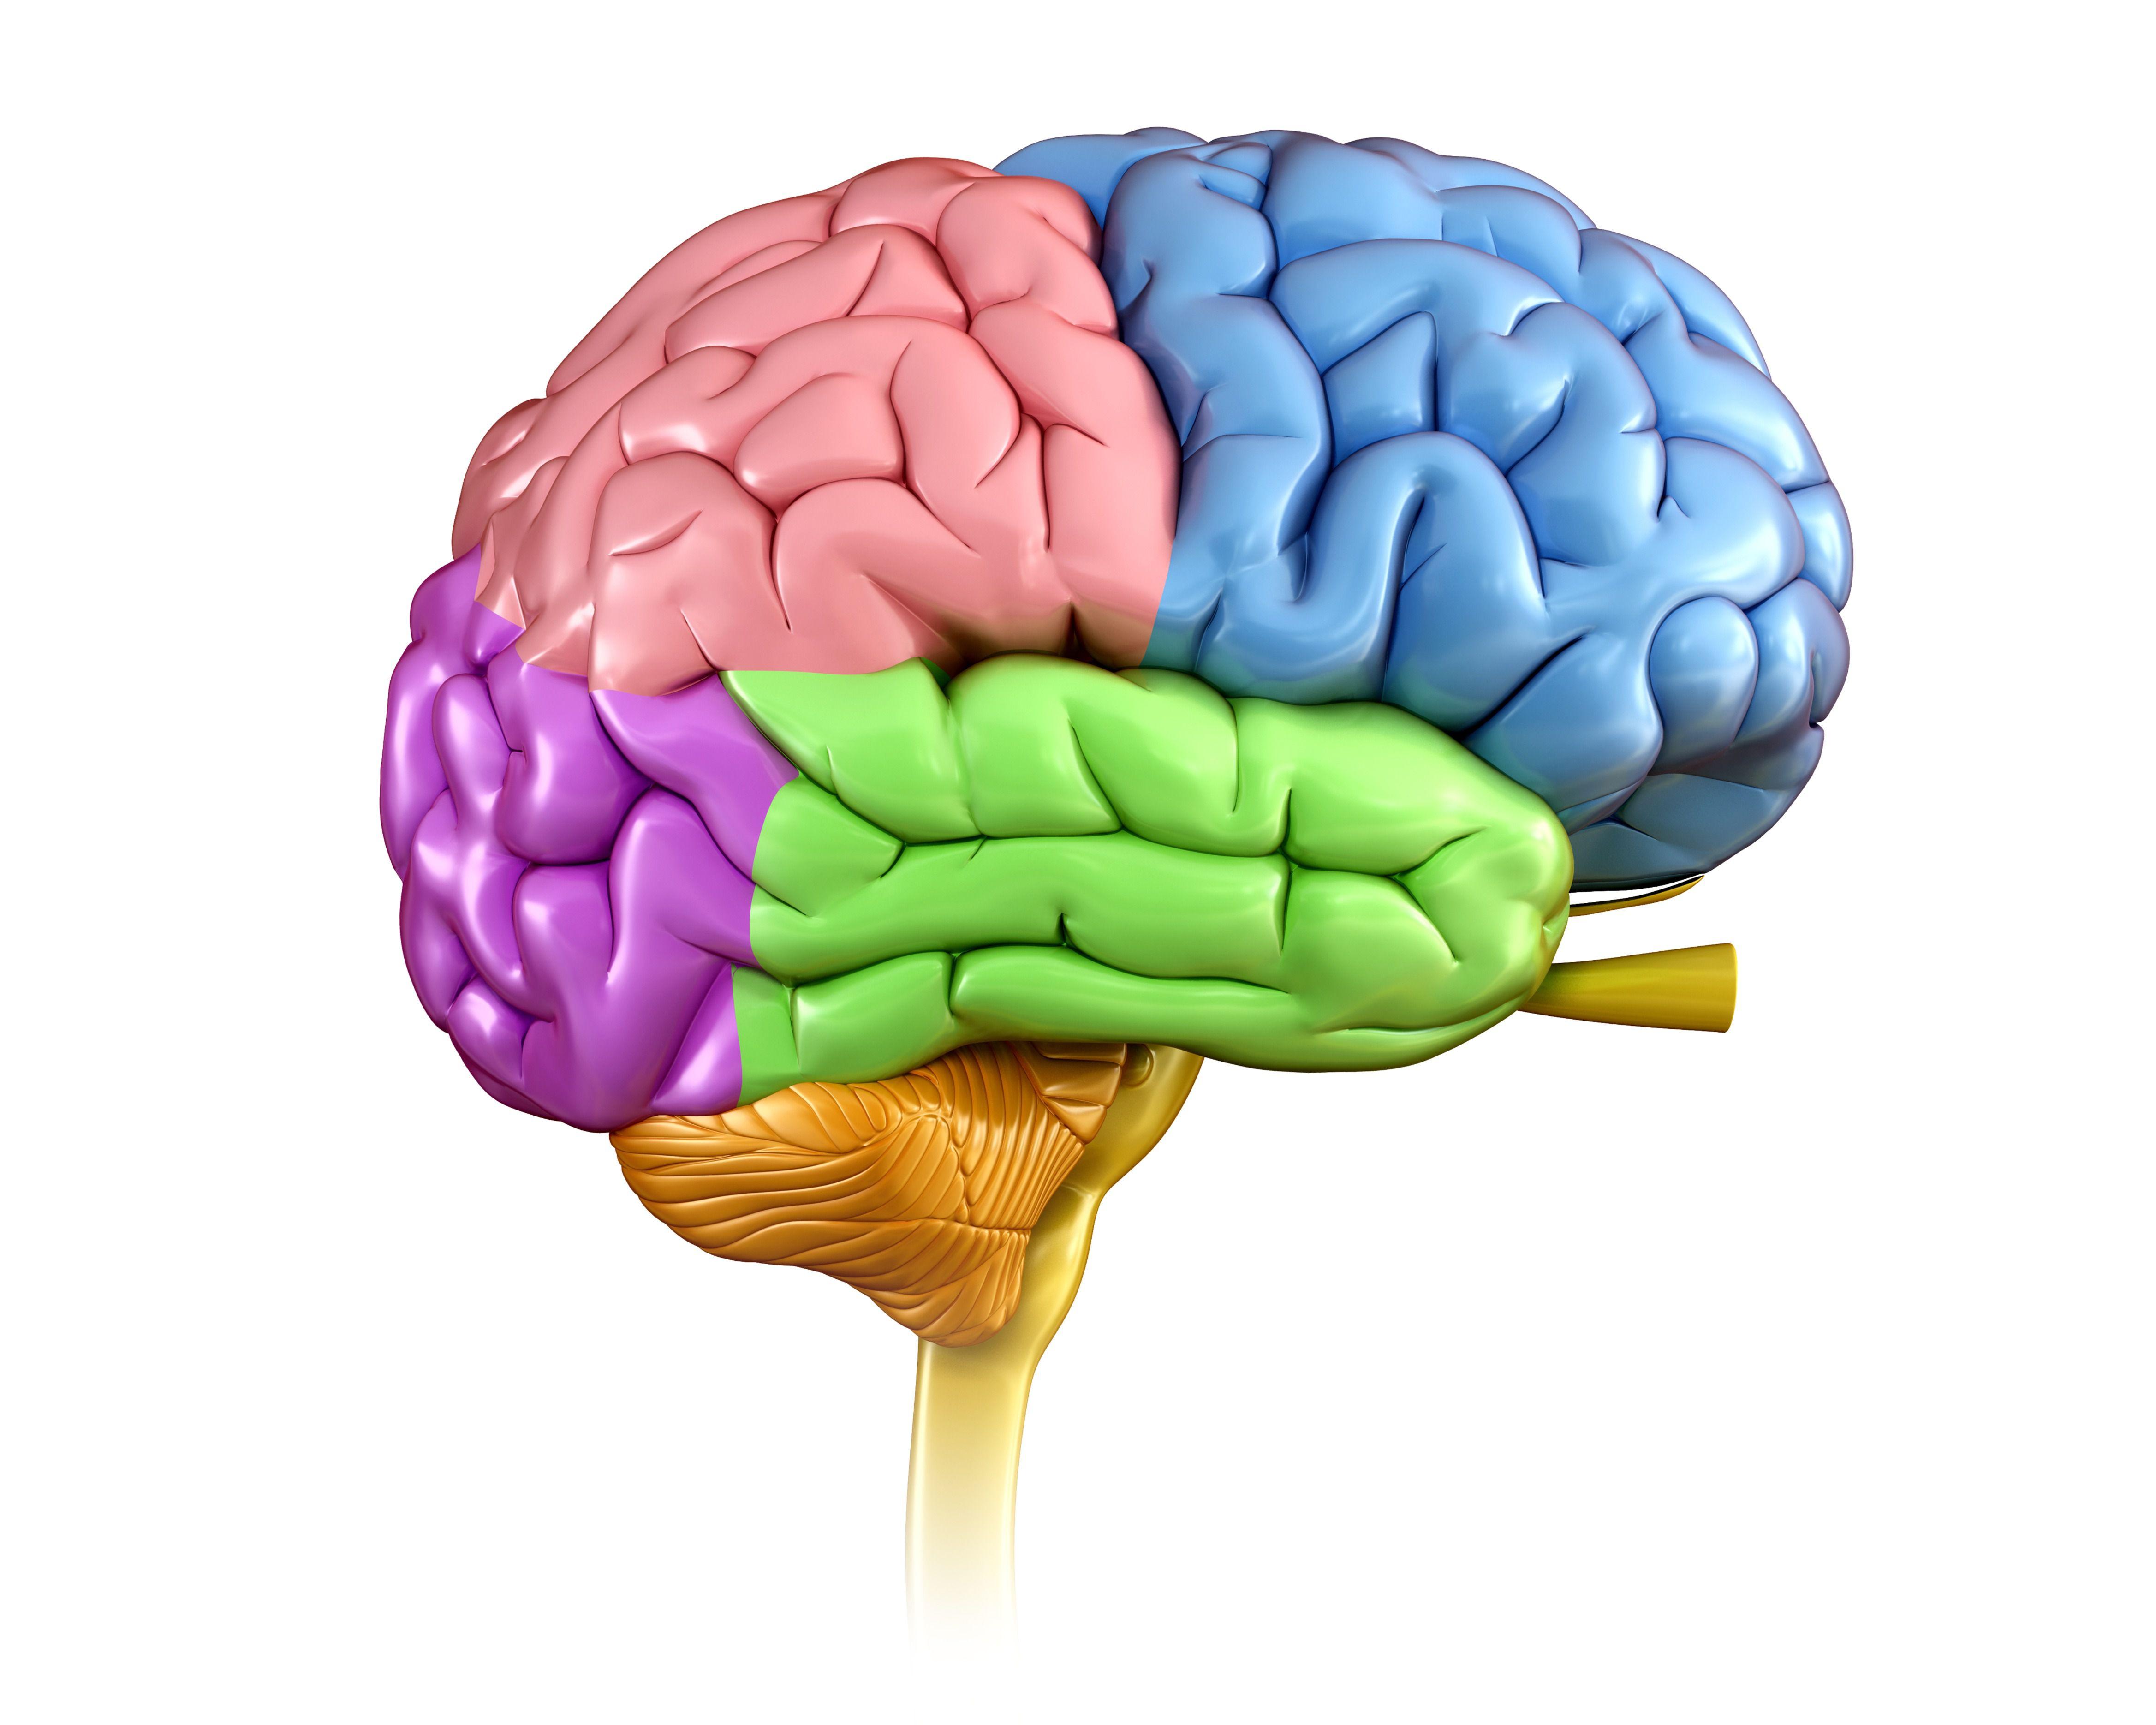 Diagram Of The Brain